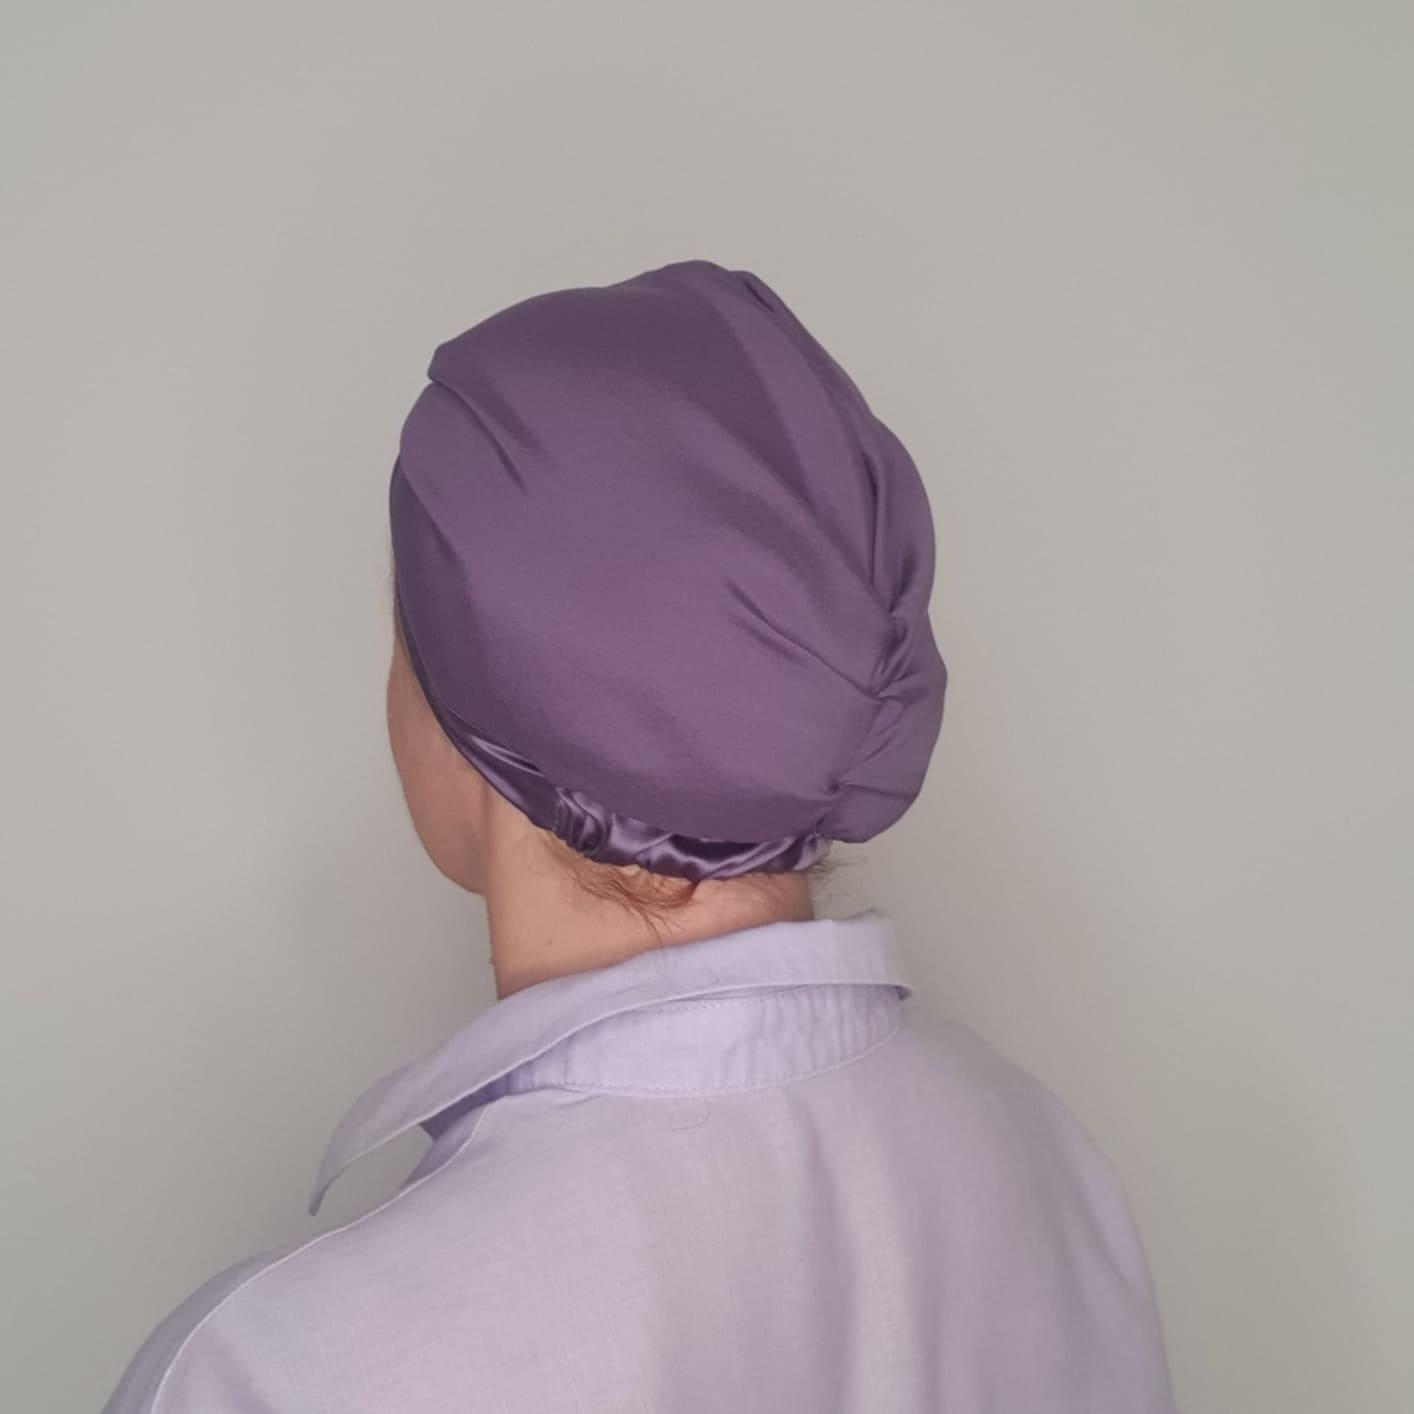 jedwabny turban lawendowy_tył_600x600_dostępny w degustacja.sklep